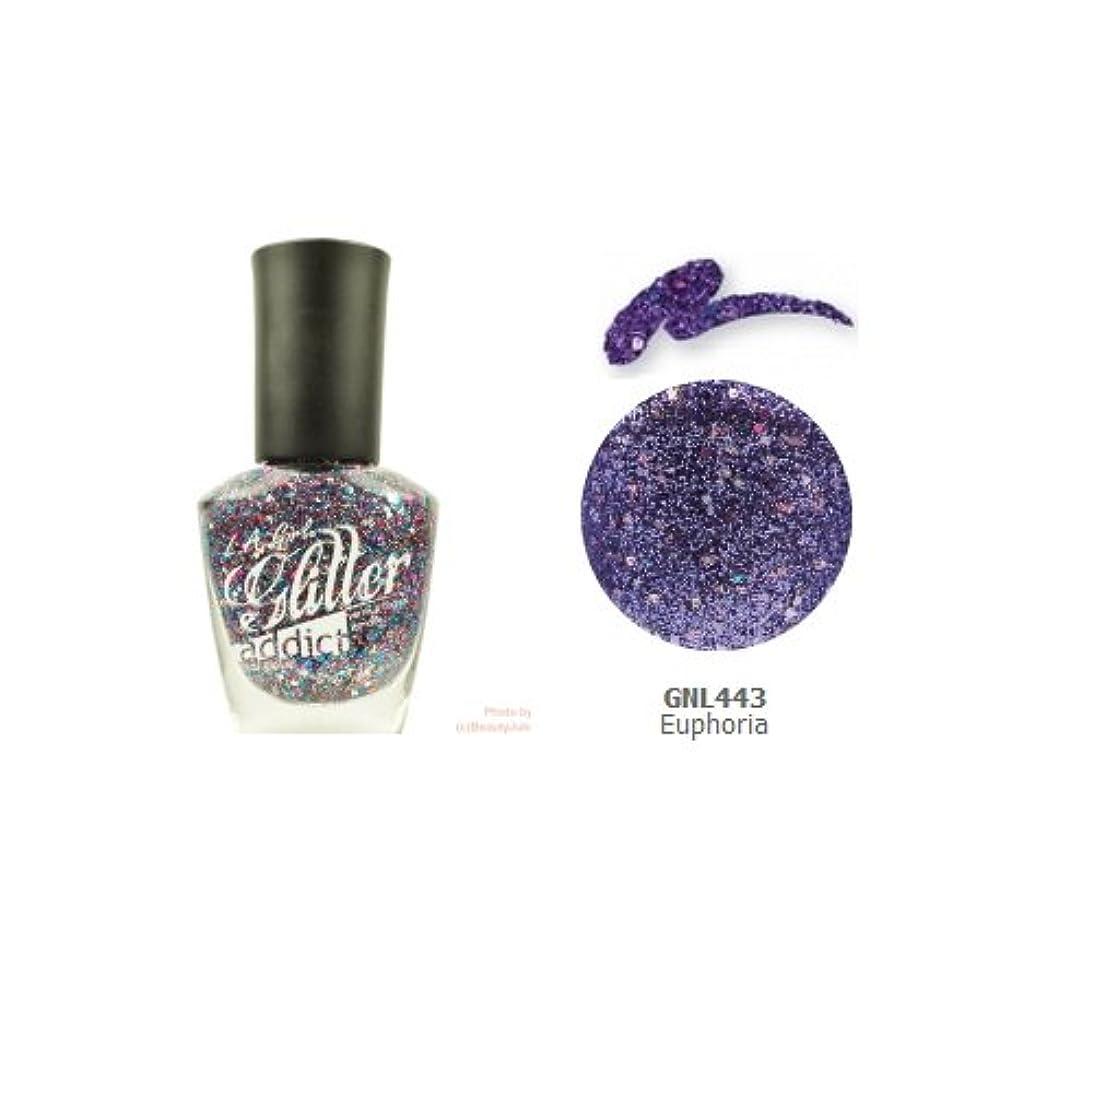 追放するホラー種をまく(3 Pack) LA GIRL Glitter Addict Polish - Euphoria (並行輸入品)